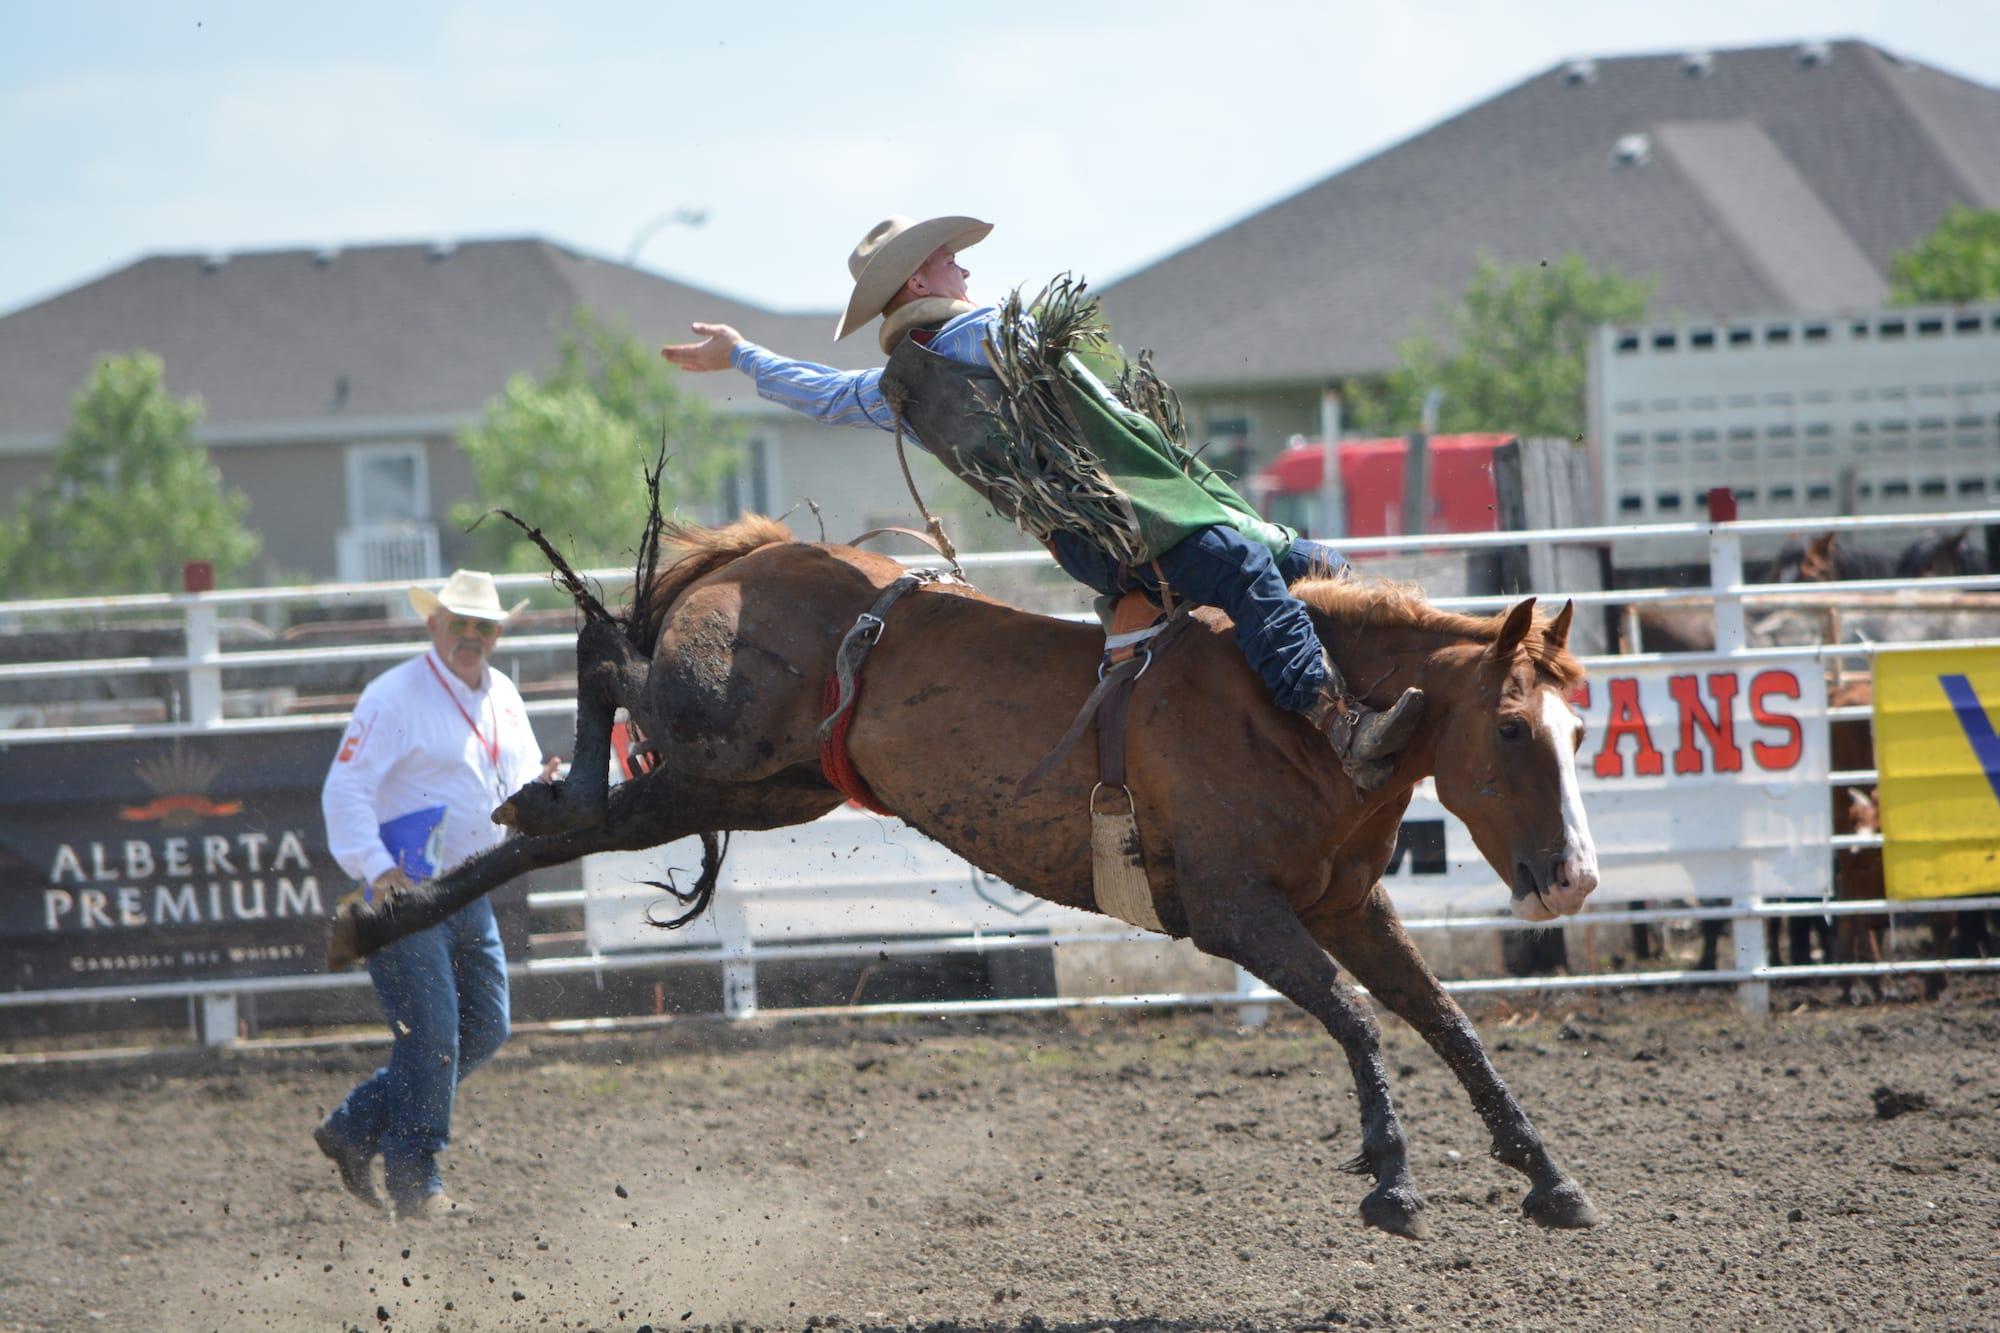 Bareback Riding Manitoba Stampede